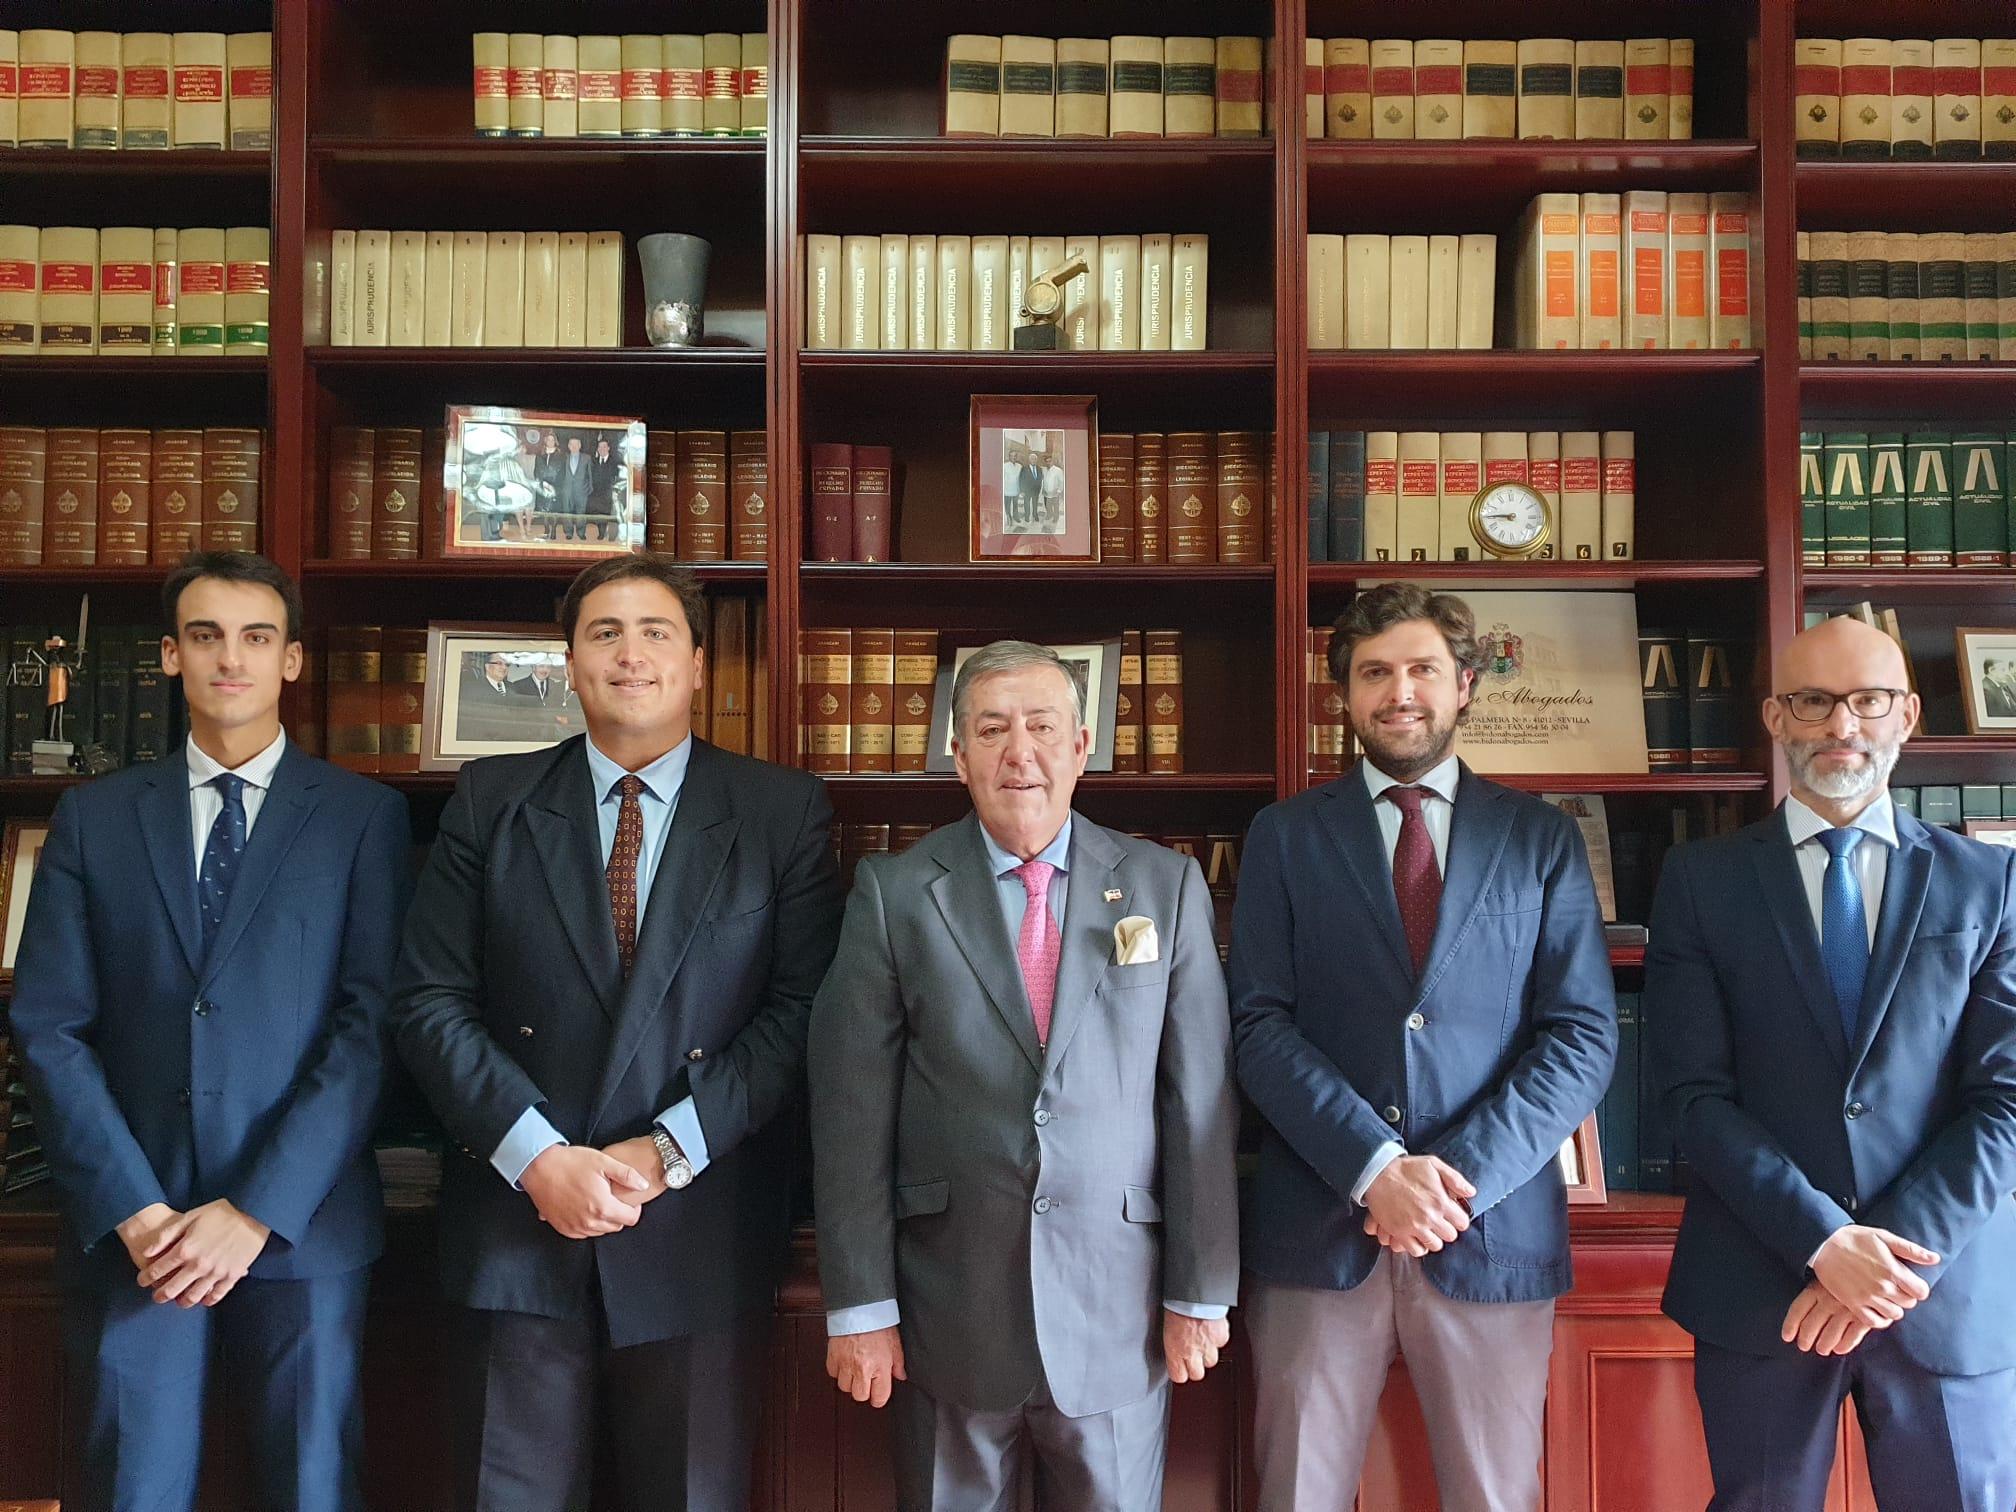 De izquierda a derecha: Manuel Morales Toro; Pablo Armijo Bidón; José Ignacio Bidón y Vigil de Quiñones; Fernando García Neble Rubín de Celis; David Ramírez González.